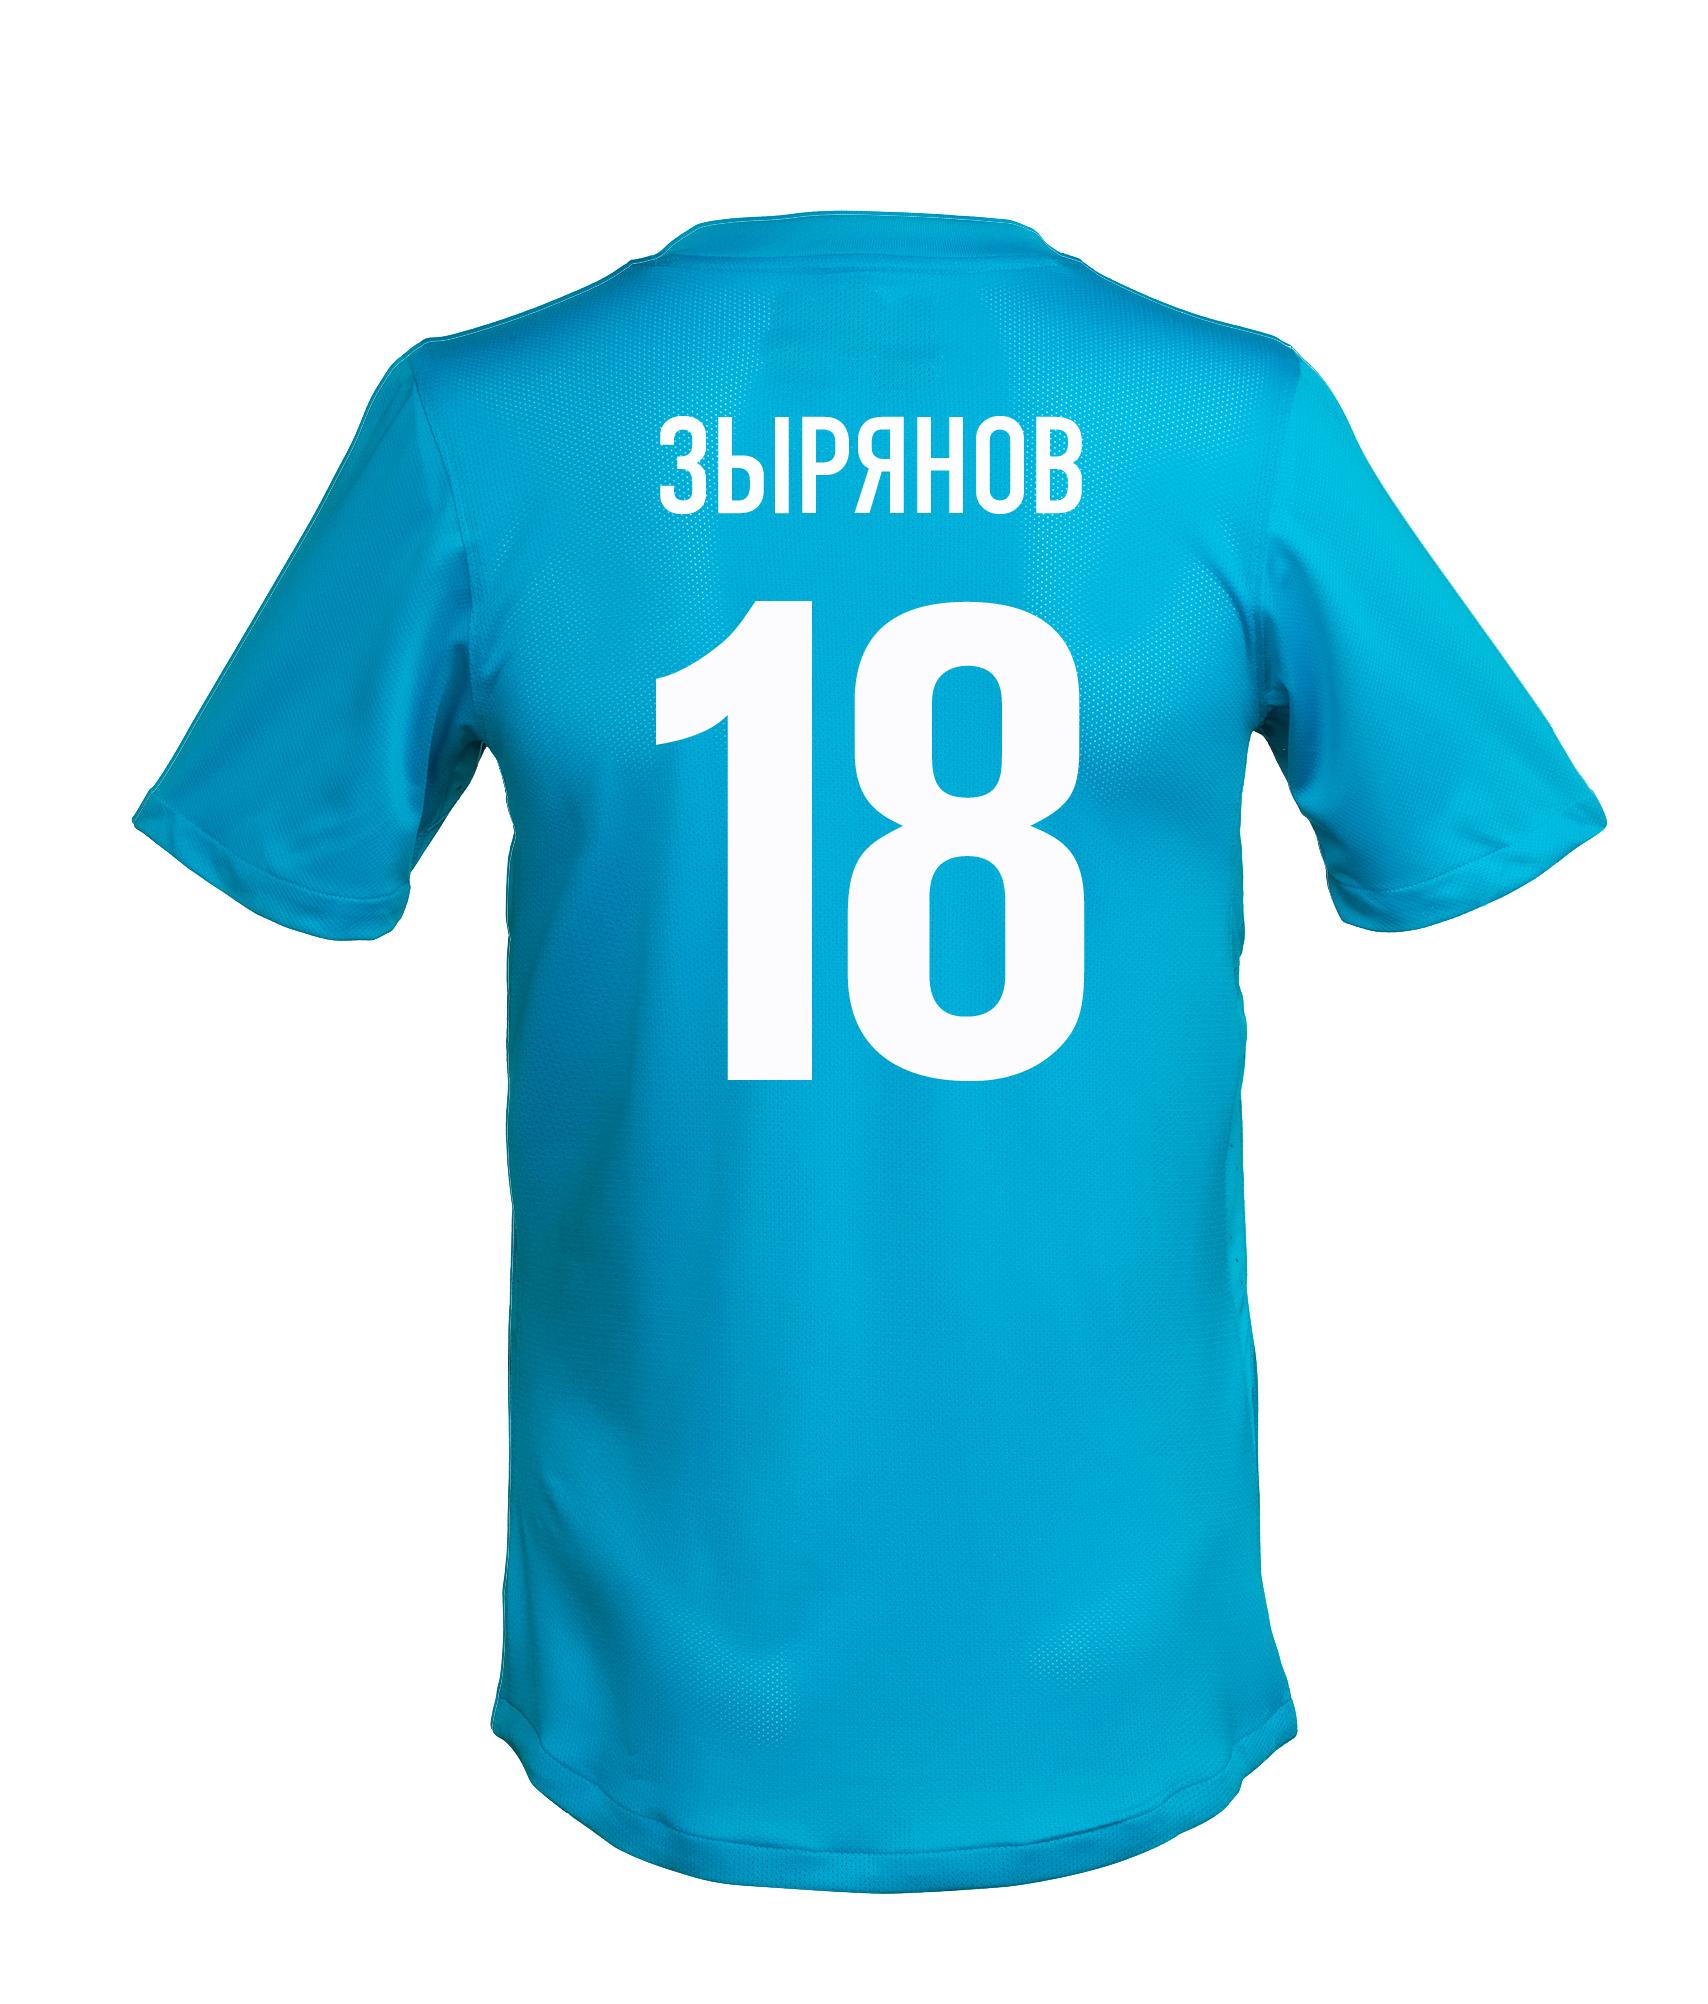 Игровая футболка с фамилией и номером К. Зырянова, Цвет-Синий, Размер-M